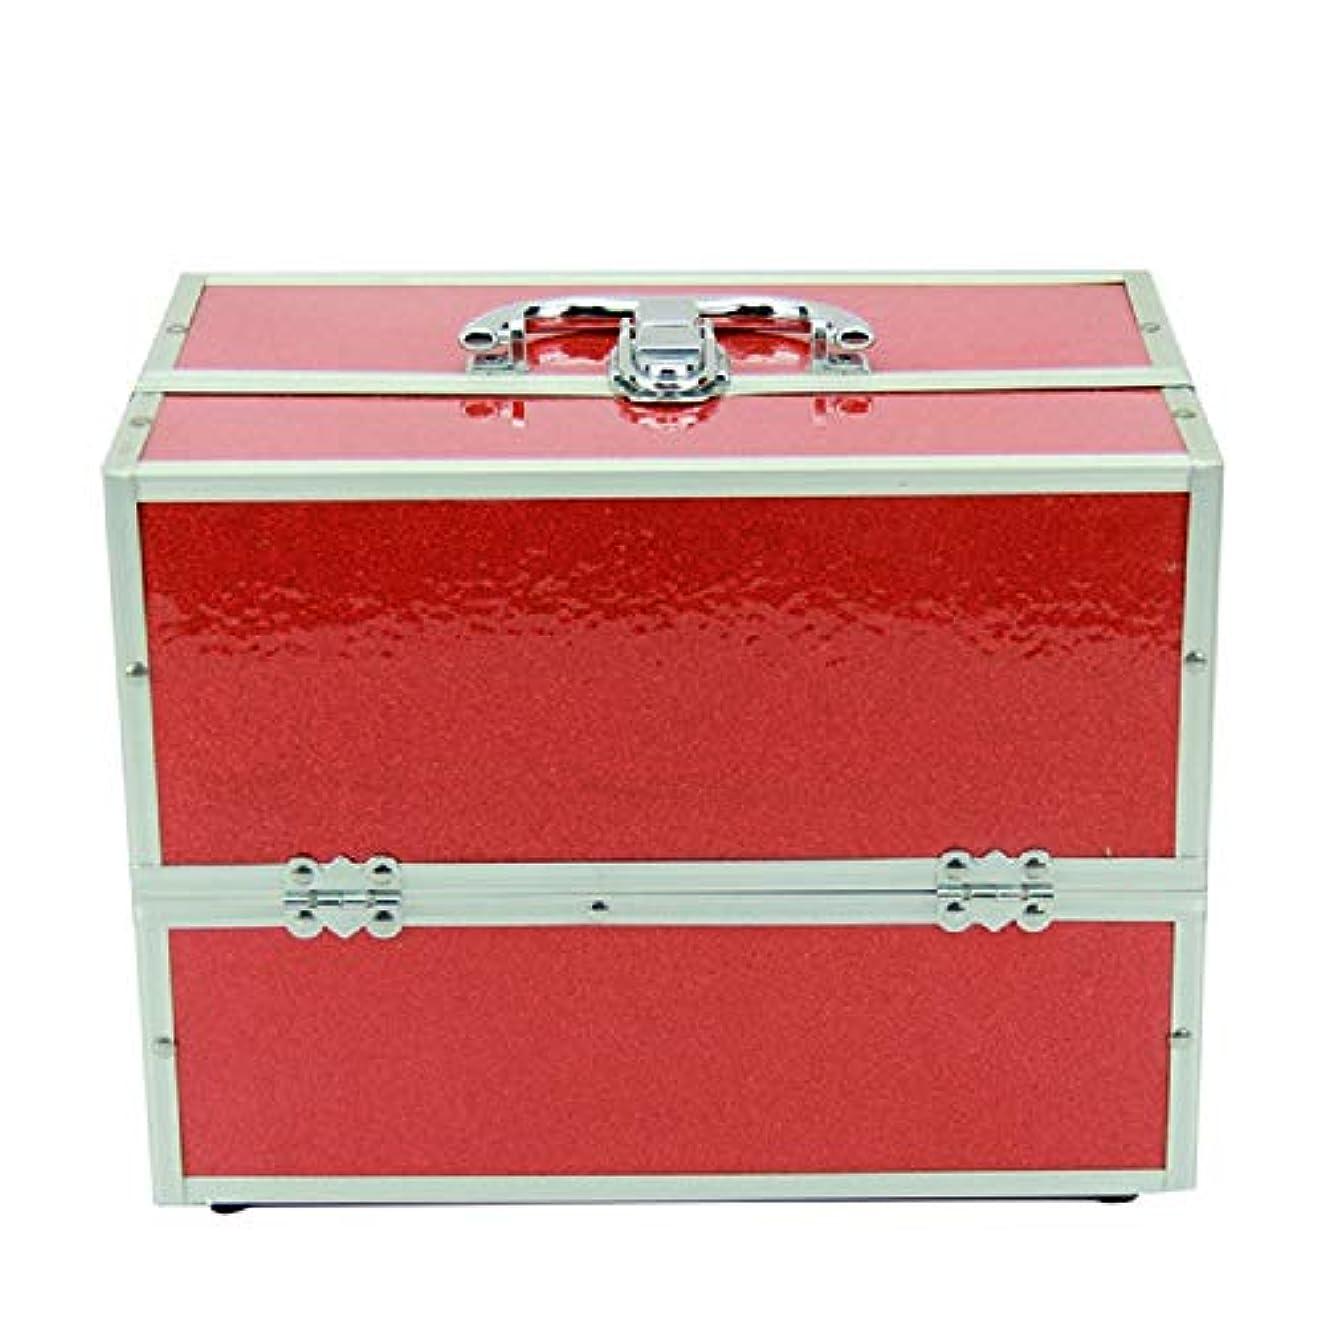 化粧オーガナイザーバッグ 純粋な色ポータブル化粧品ケーストラベルアクセサリーシャンプーボディウォッシュパーソナルアイテムストレージロックとスライディングトレイ 化粧品ケース